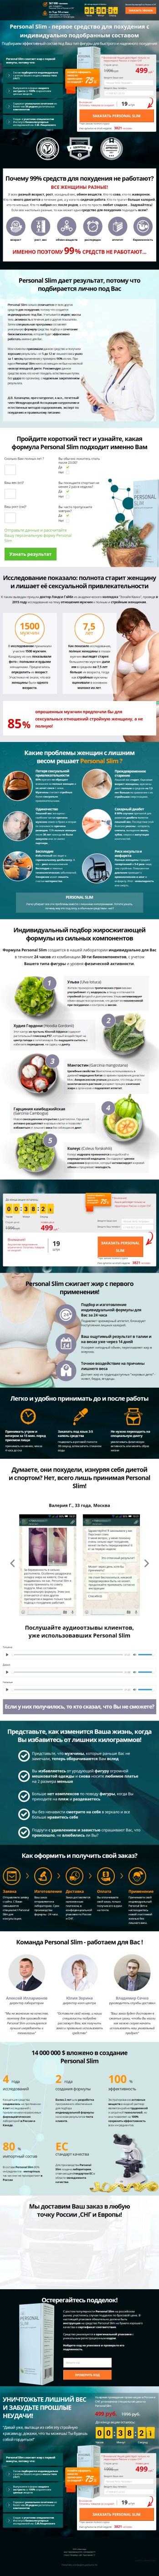 Mbl-5 таблетки для снижения веса: цена, отзывы, состав.